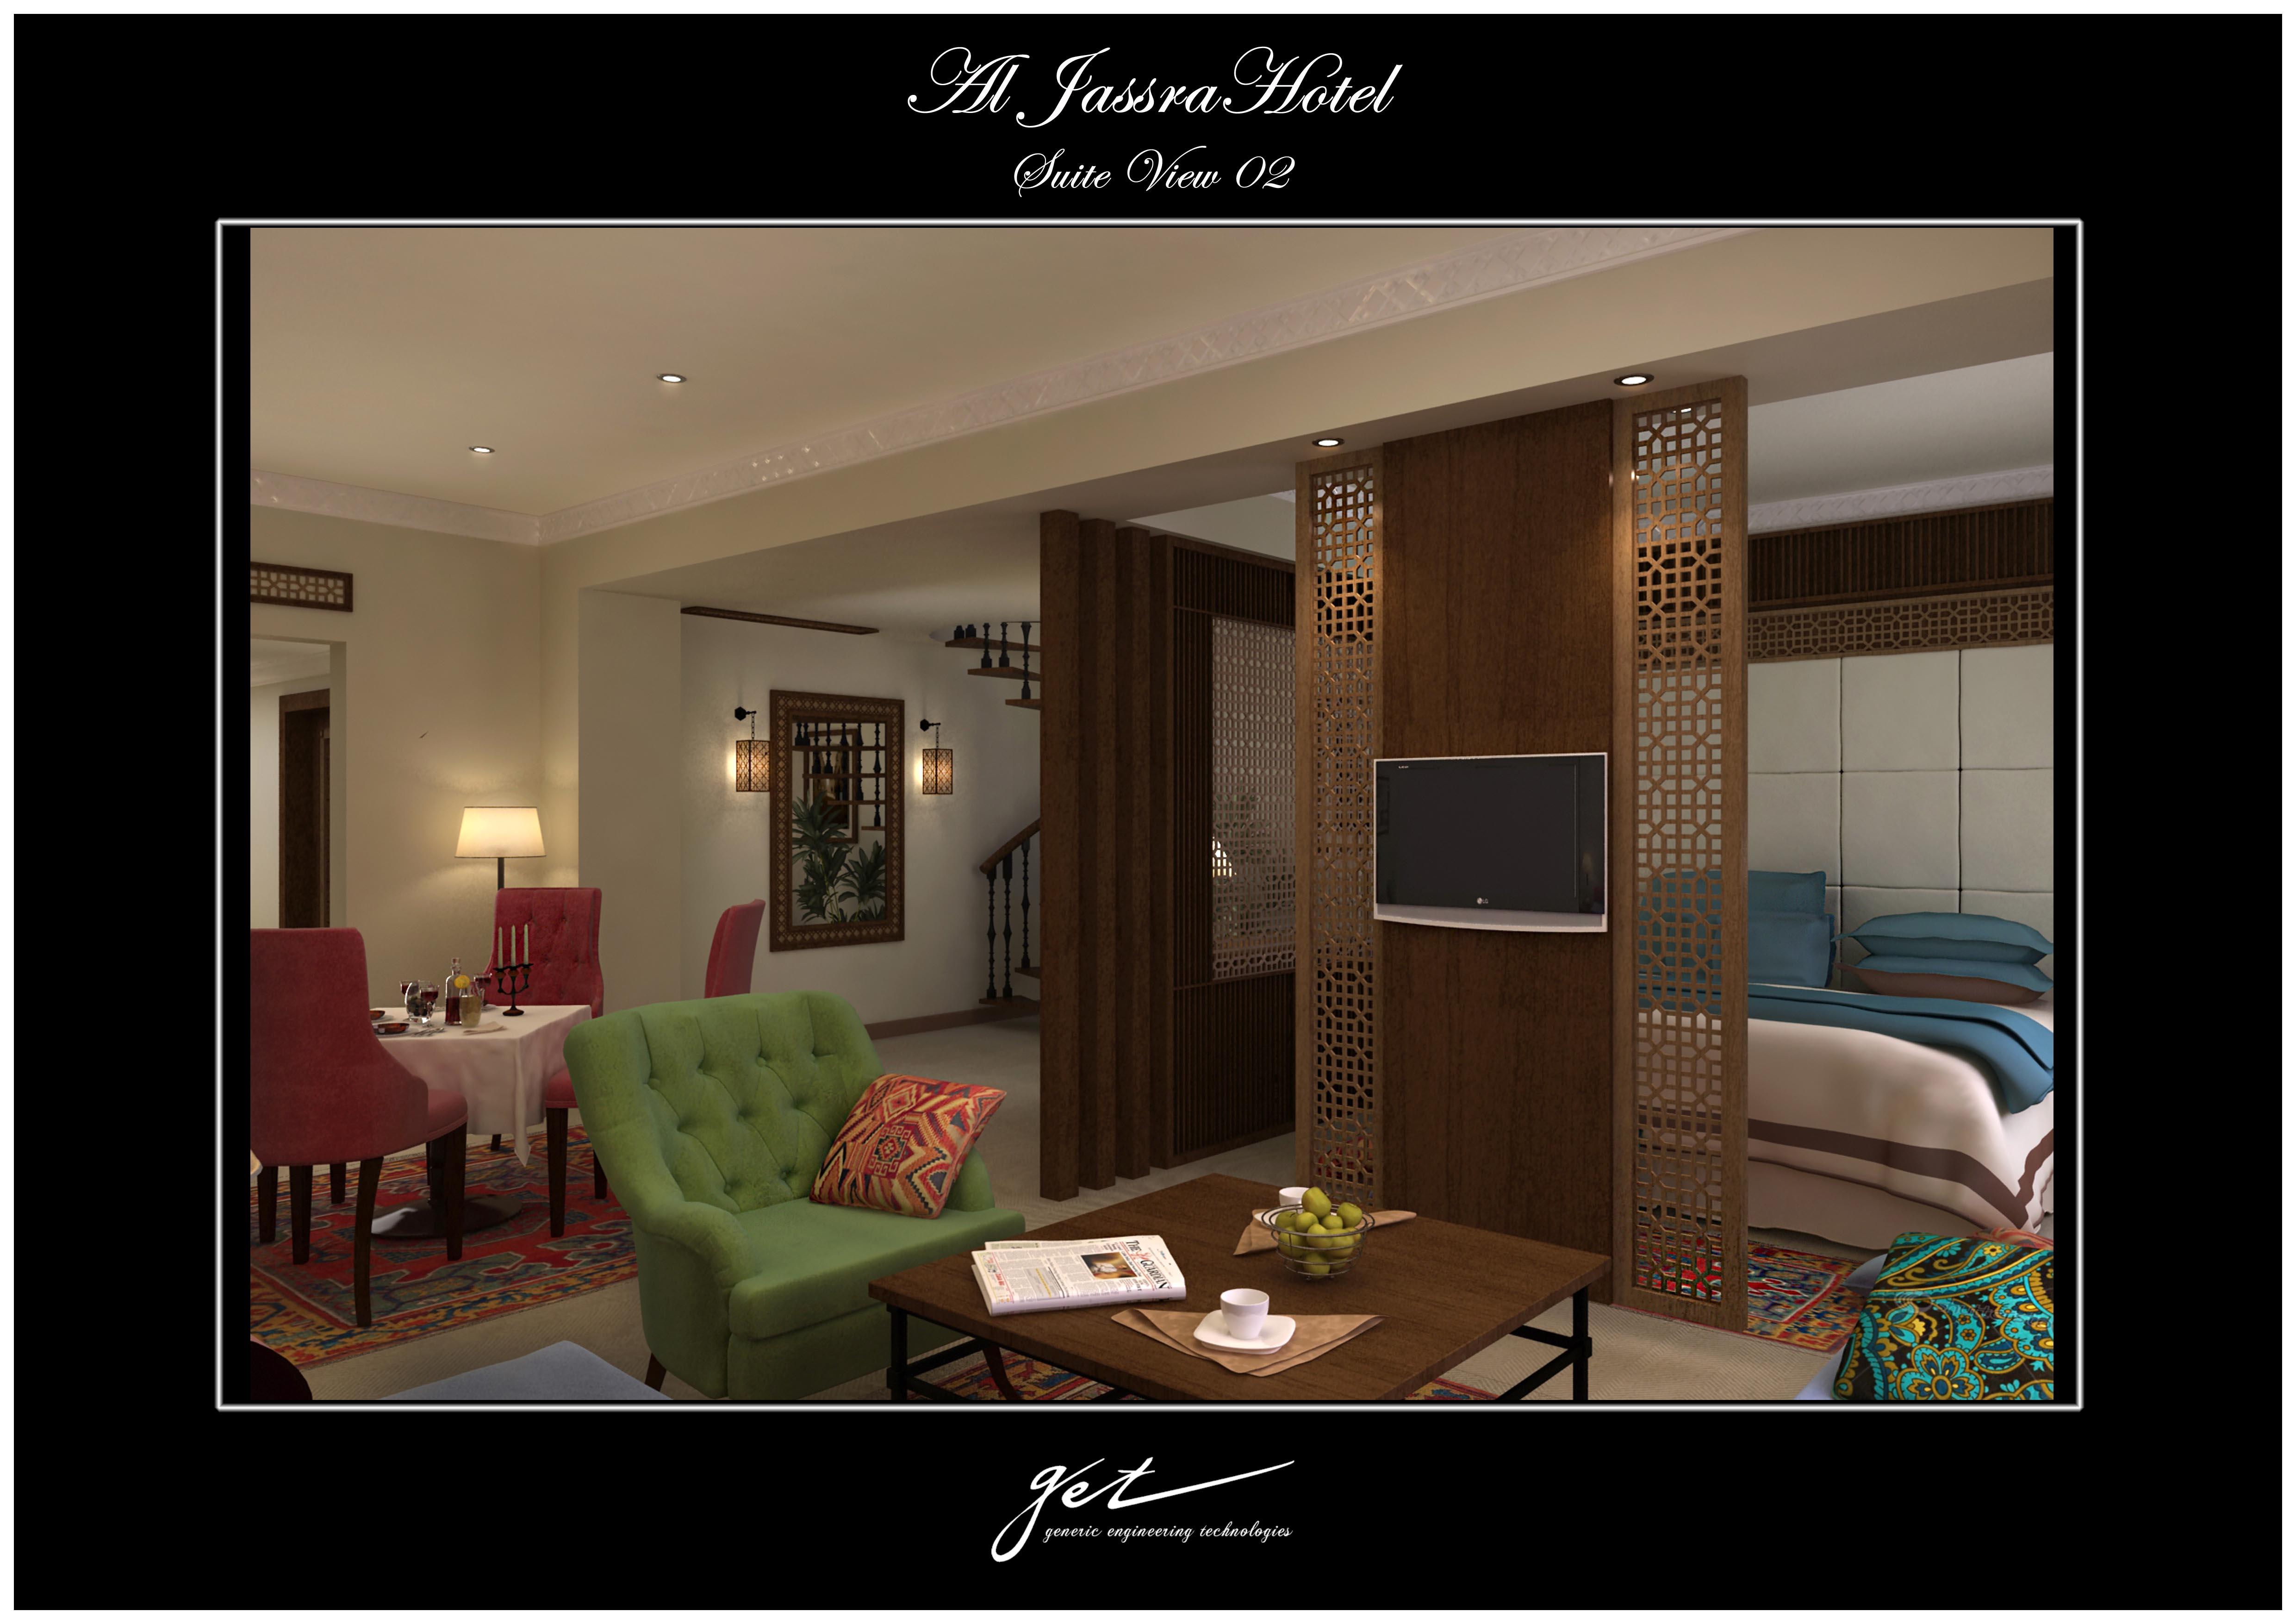 suite view 02